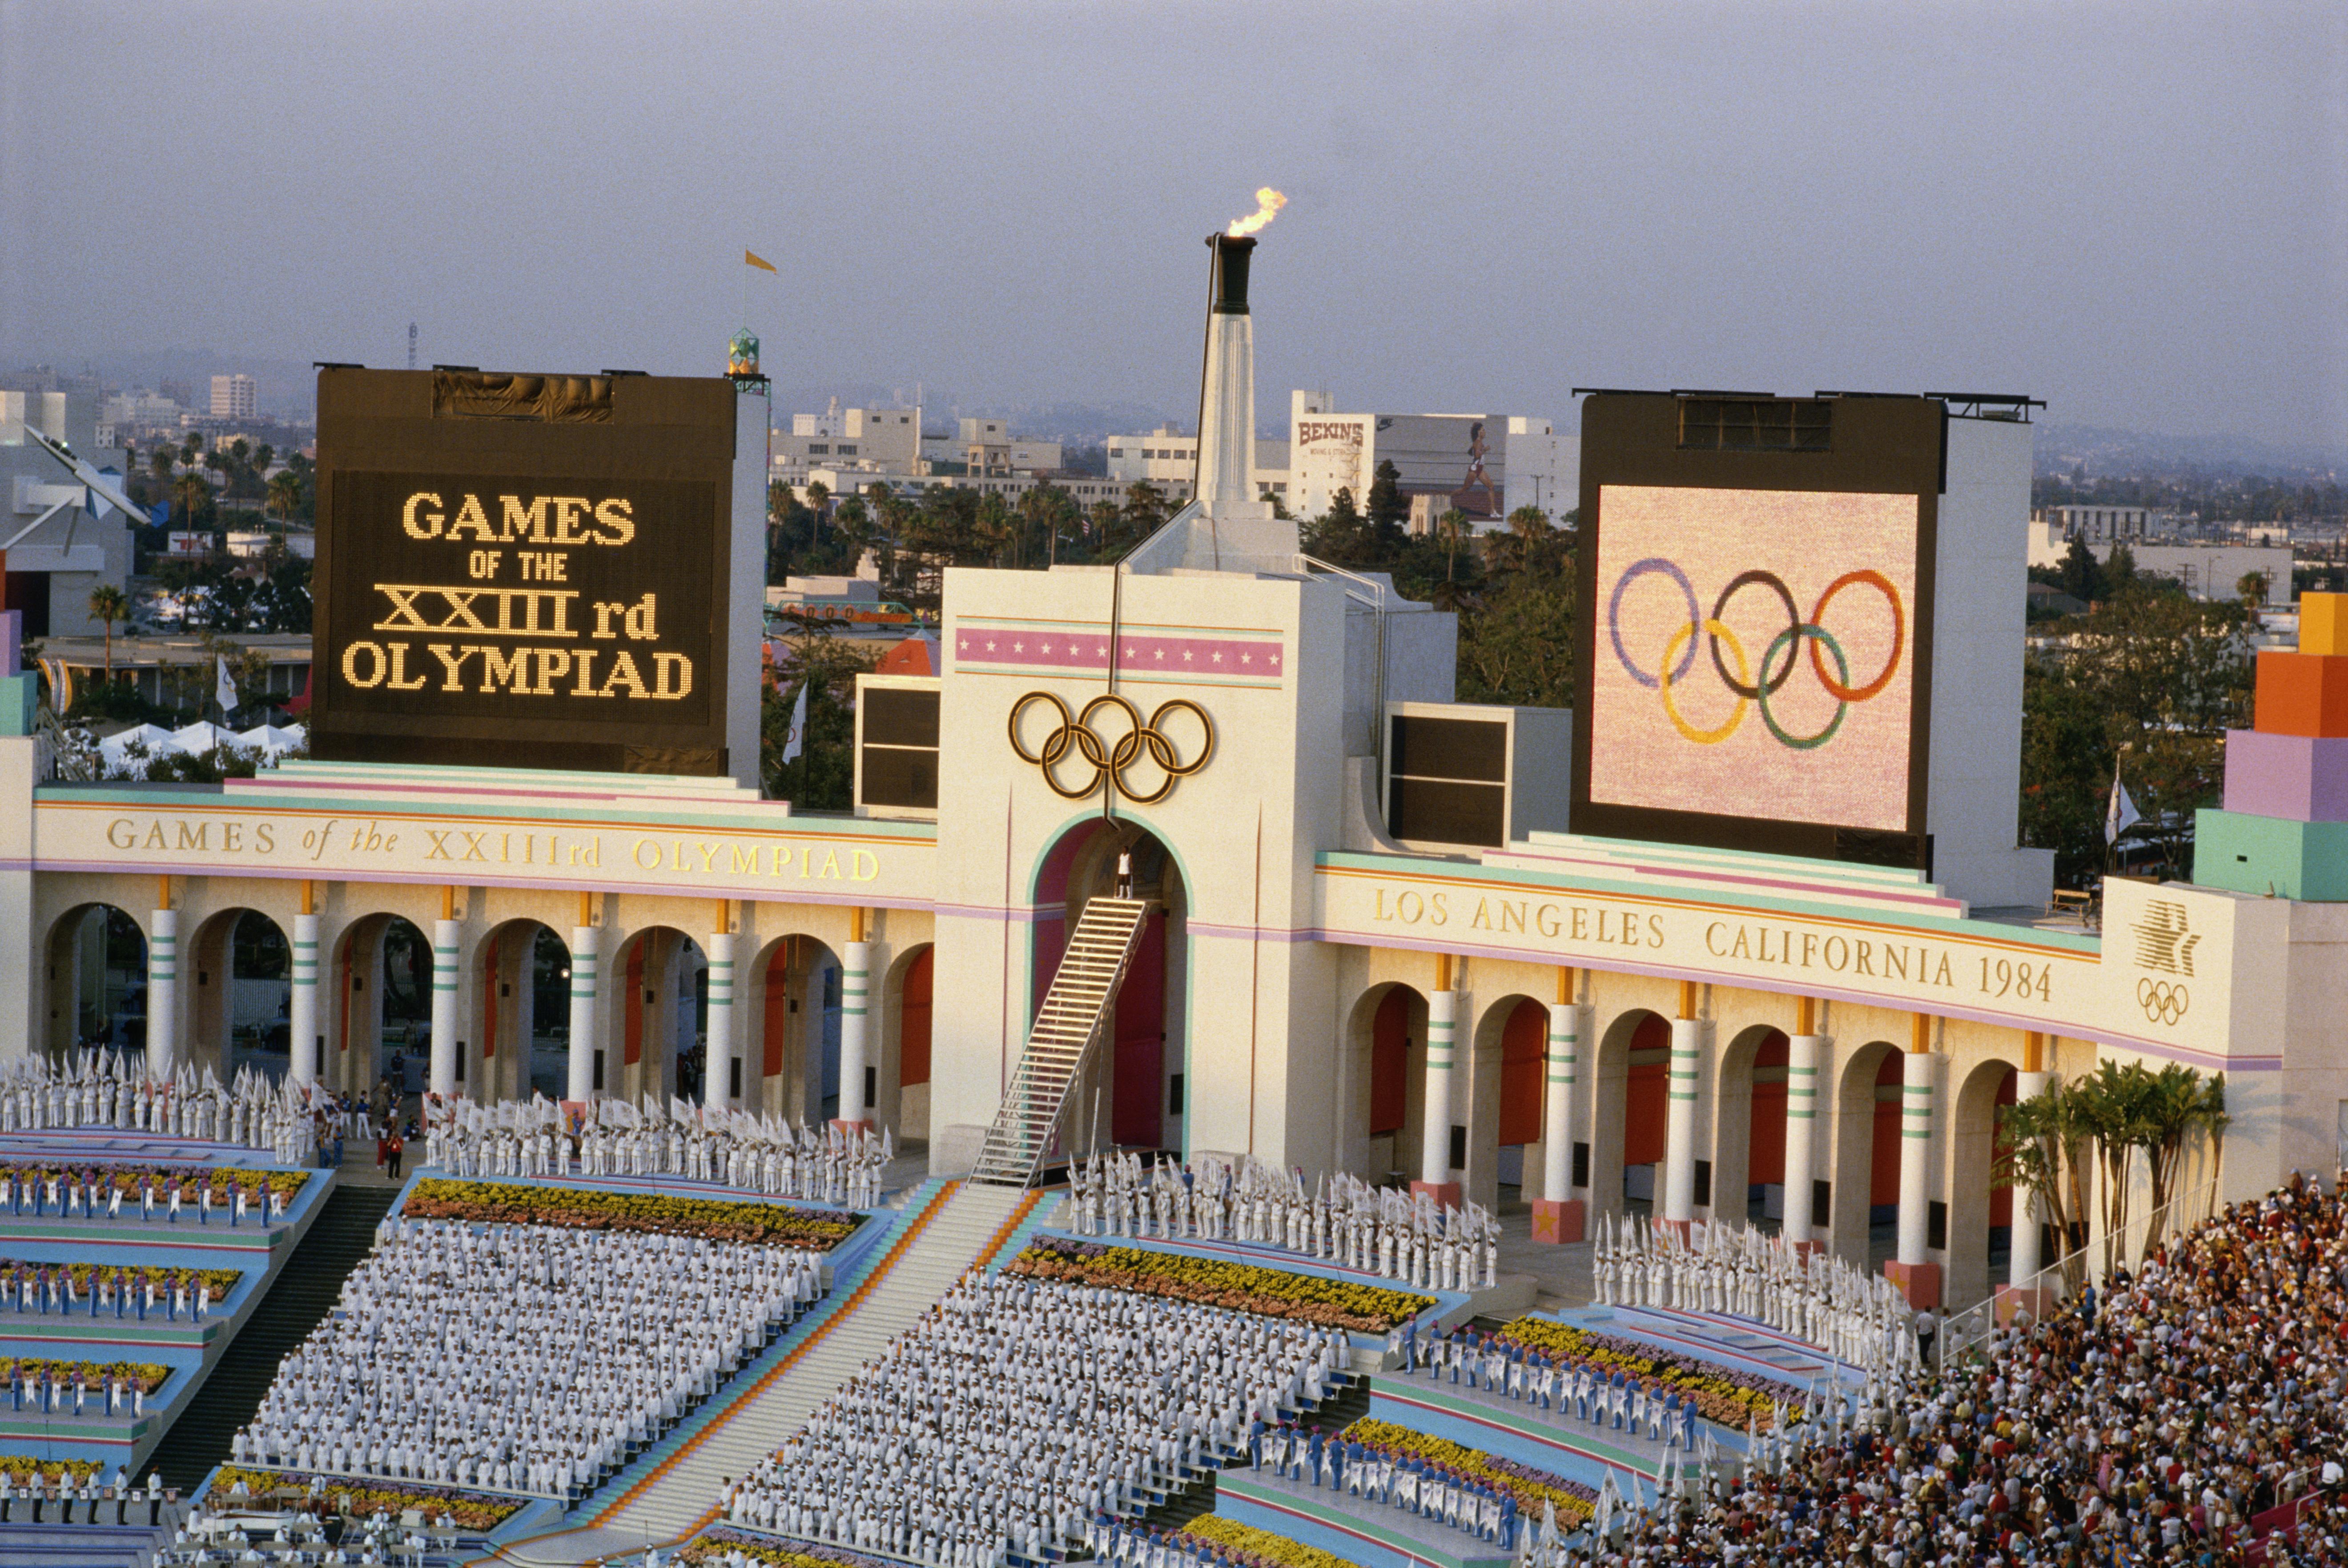 1984 opening ceremonies